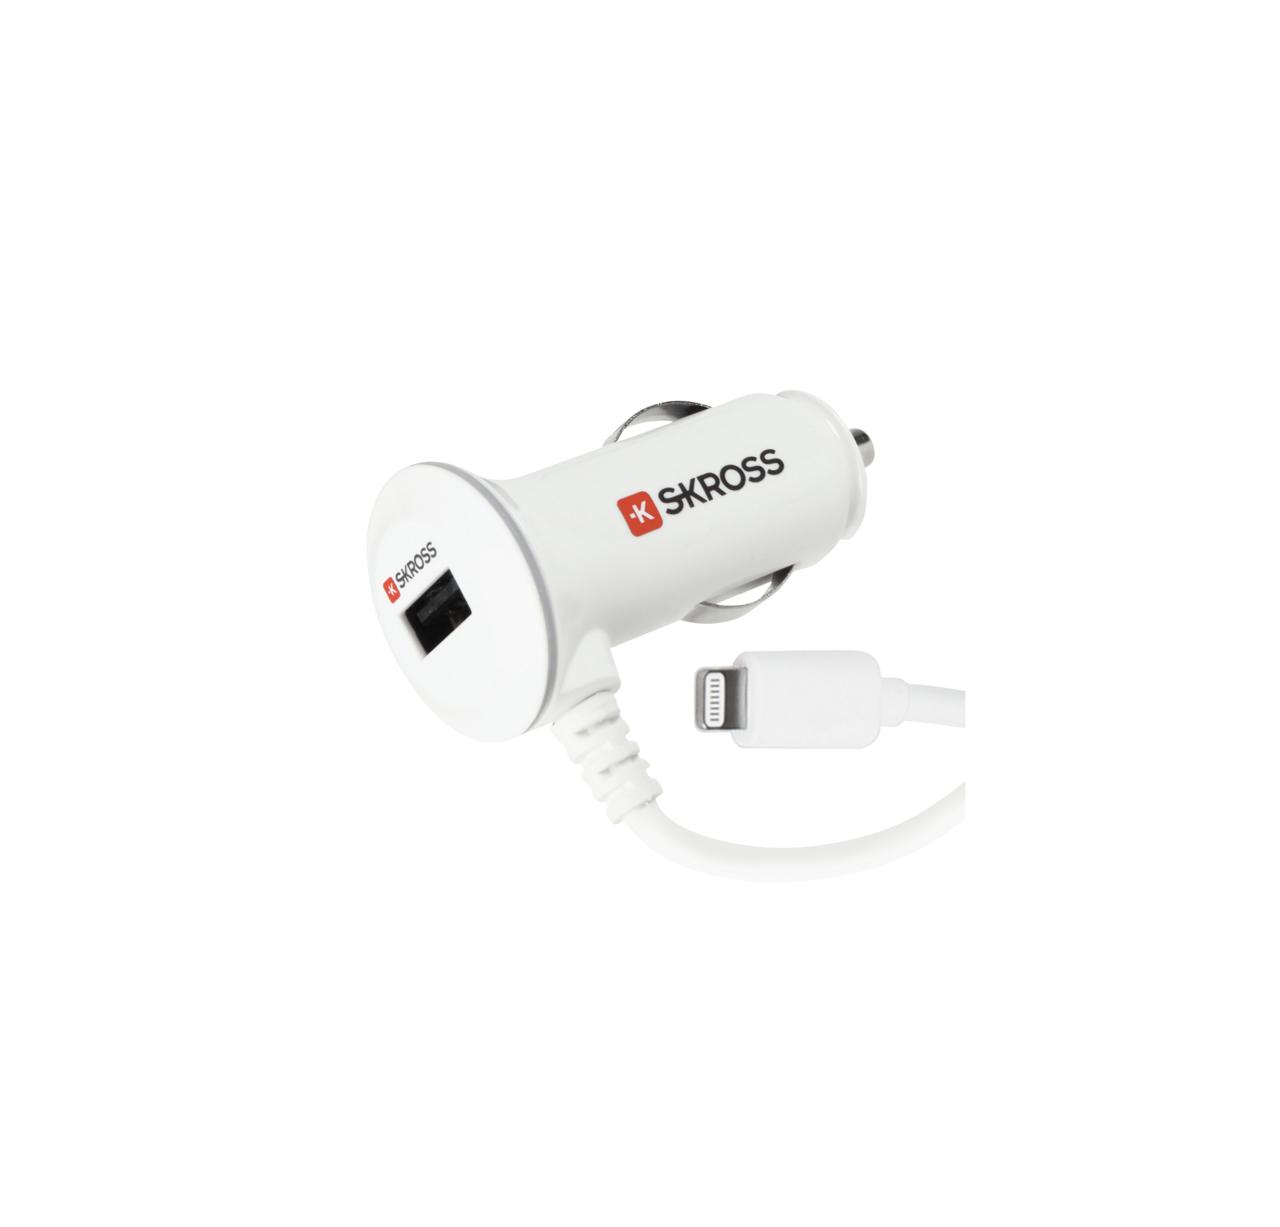 SKROSS Midget Car charger 1x USB 2A + Lightning